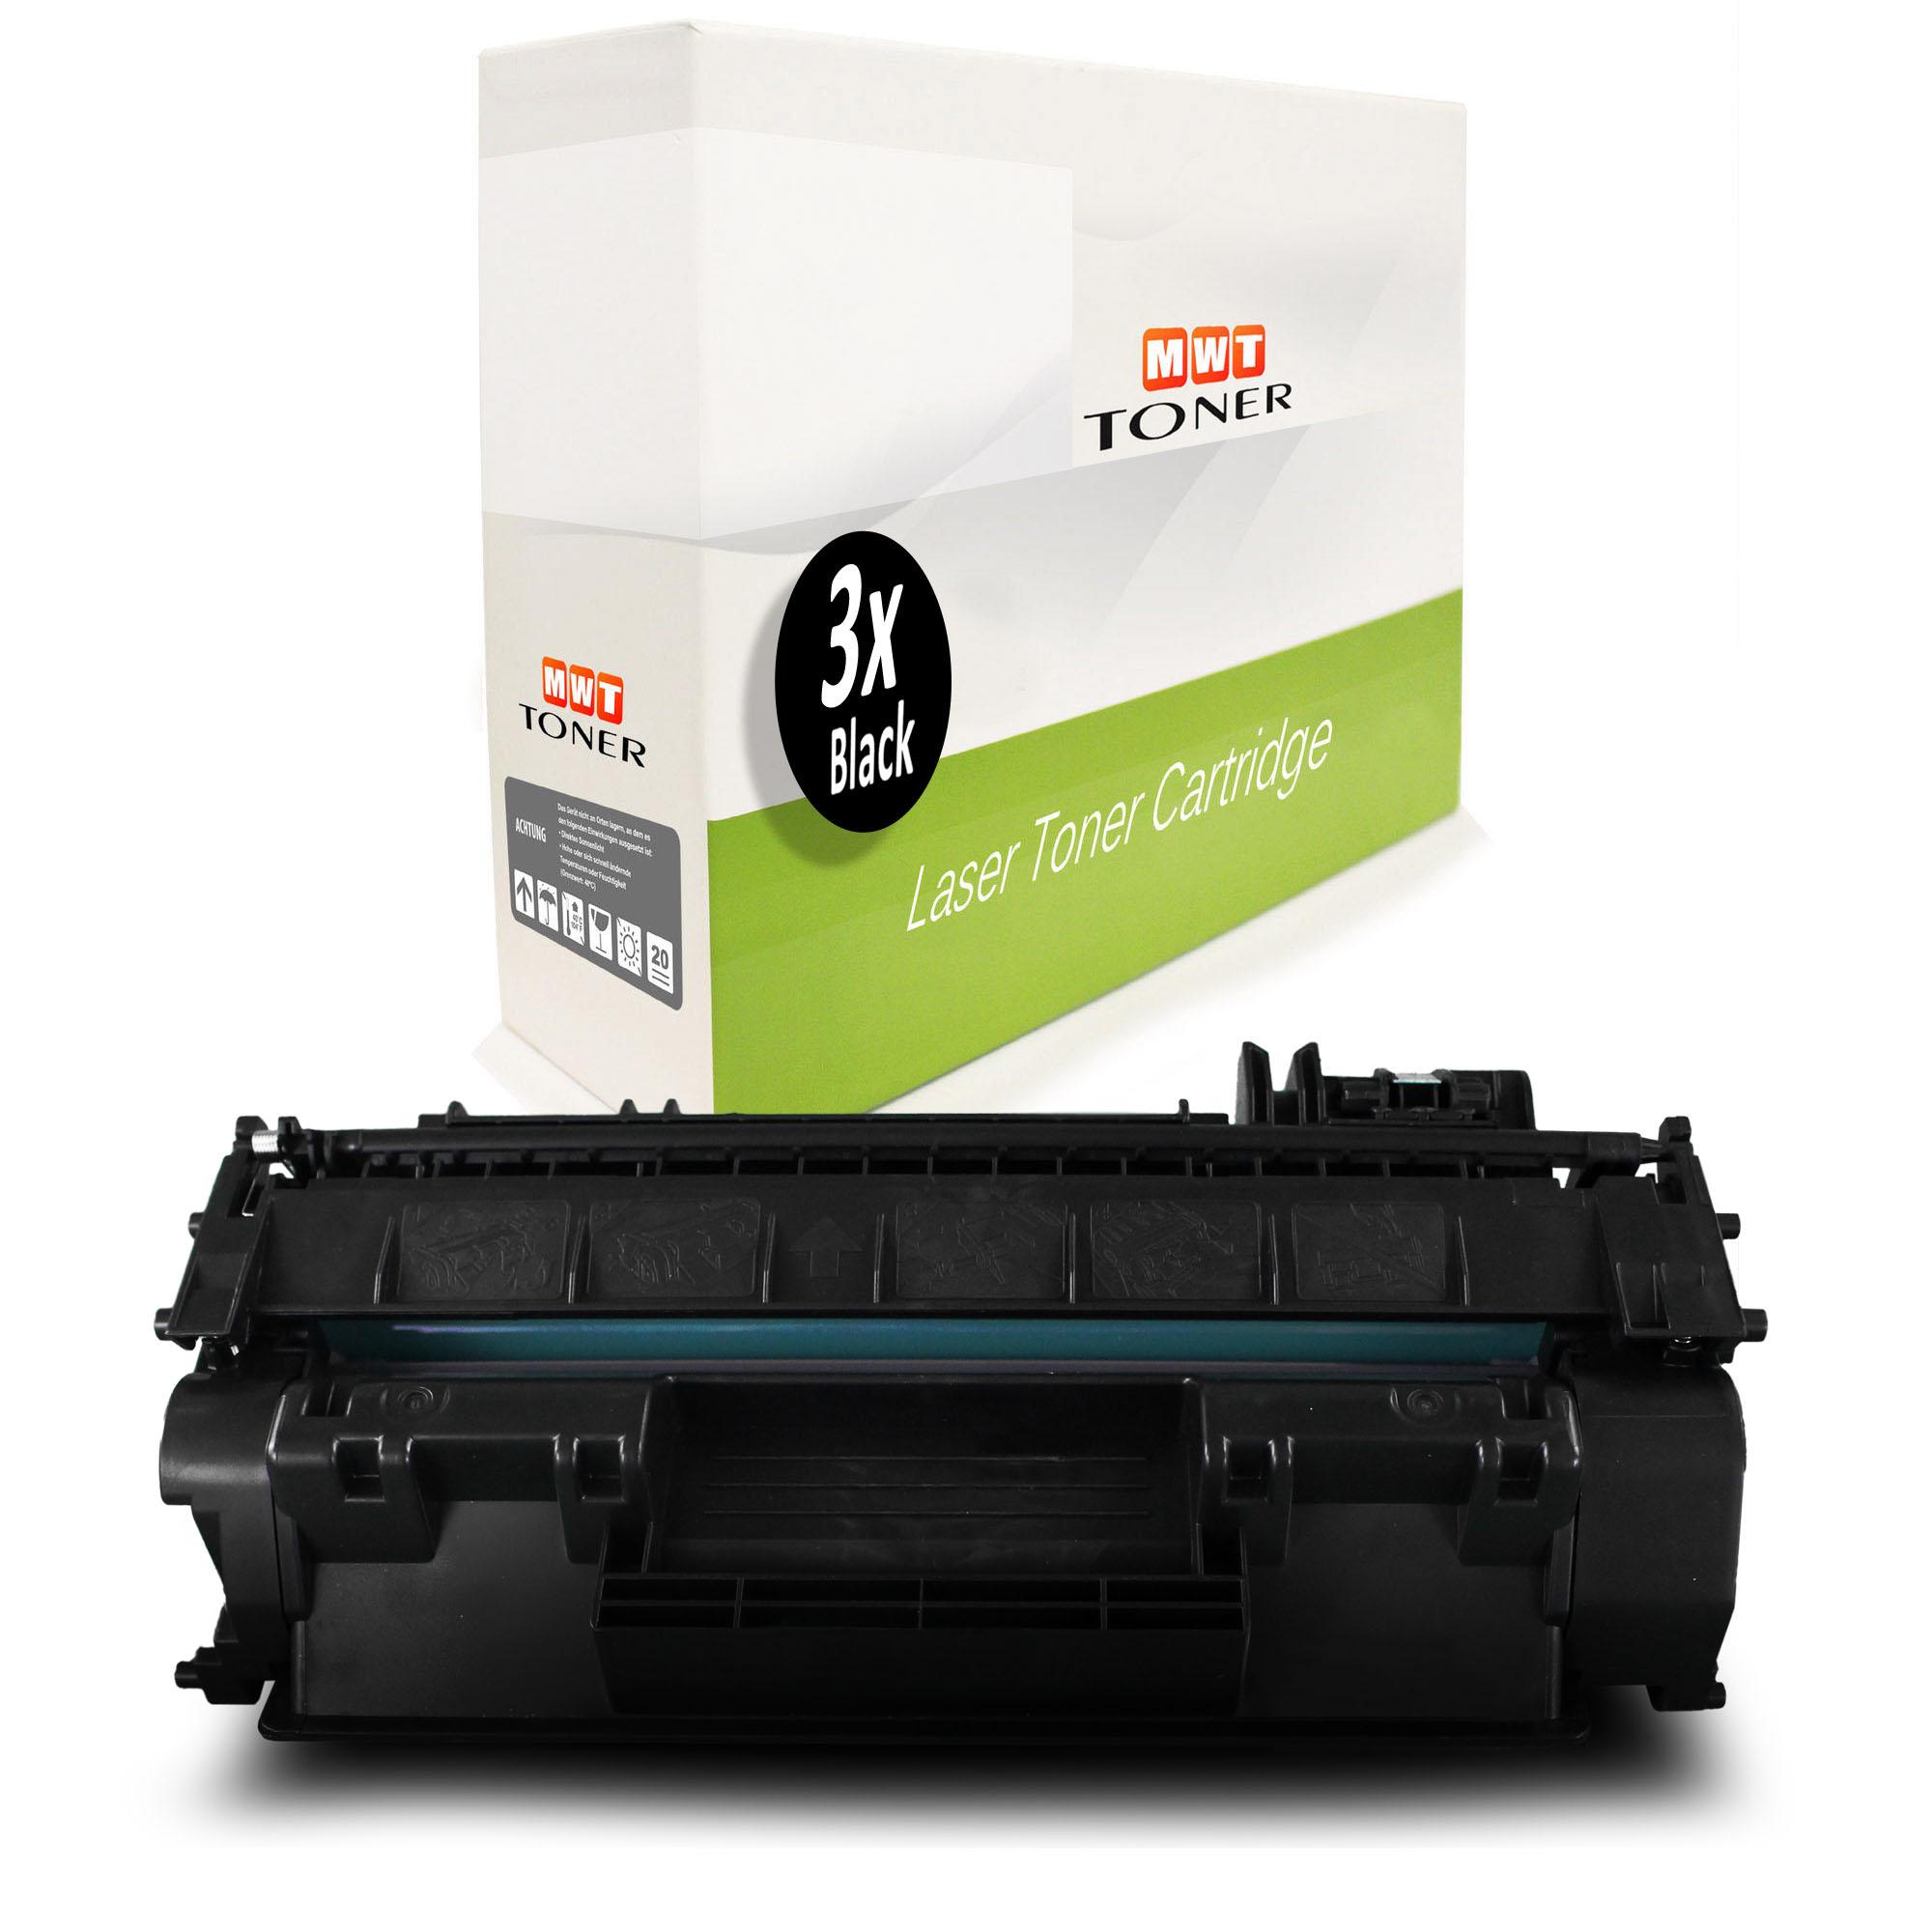 3x MWT Toner für HP LaserJet Pro 400 MFP M-425-dn M-401-dne M-401-n MFP M-425-dw